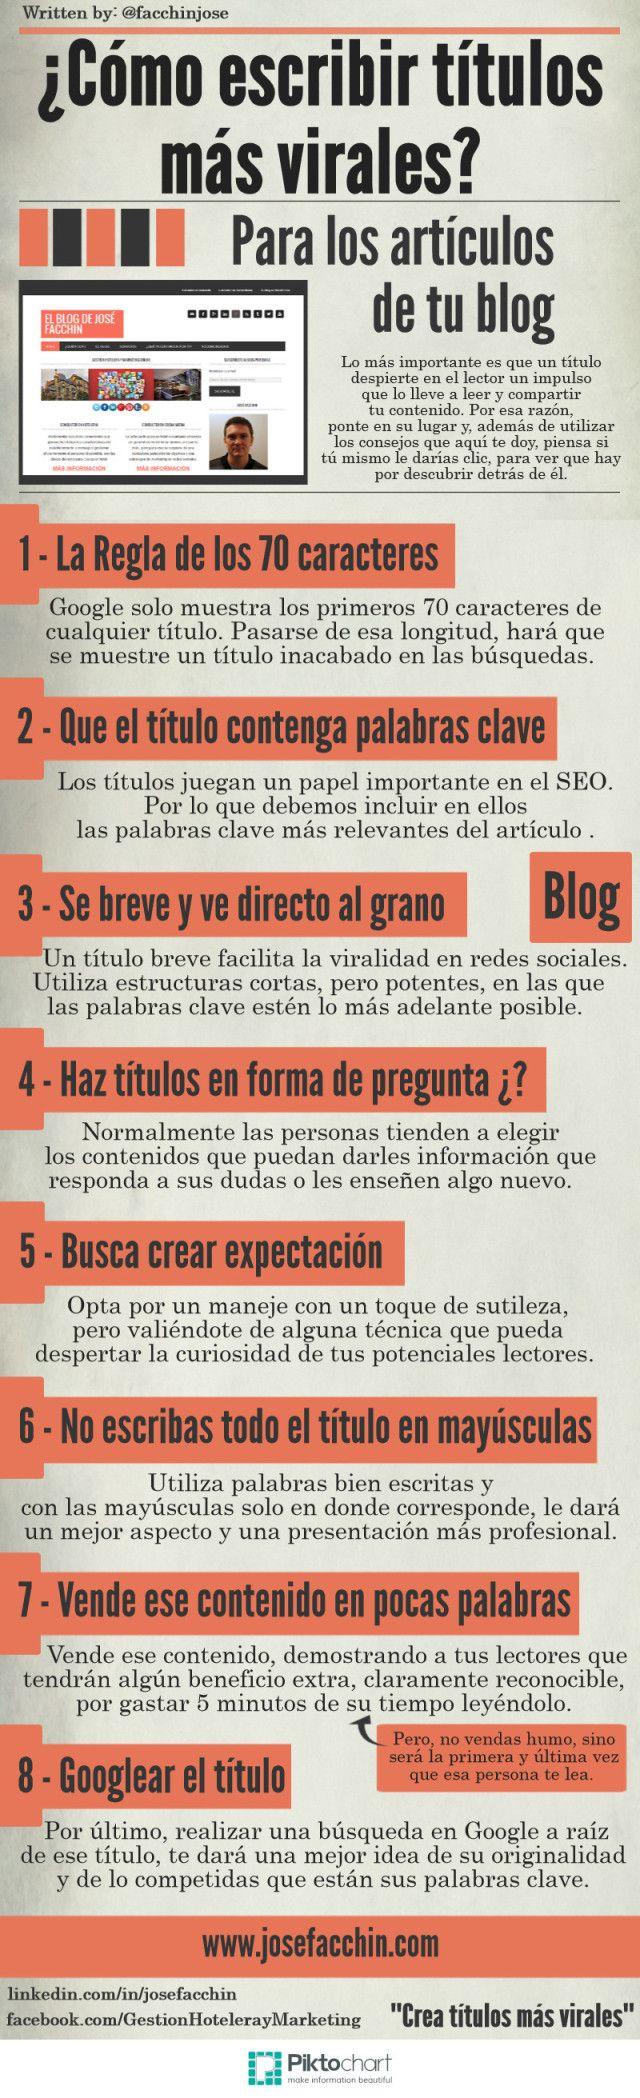 ¿Cómo escribir títulos más virales para los artículos de tu blog? #infografia #inforgaphic #socialmedia